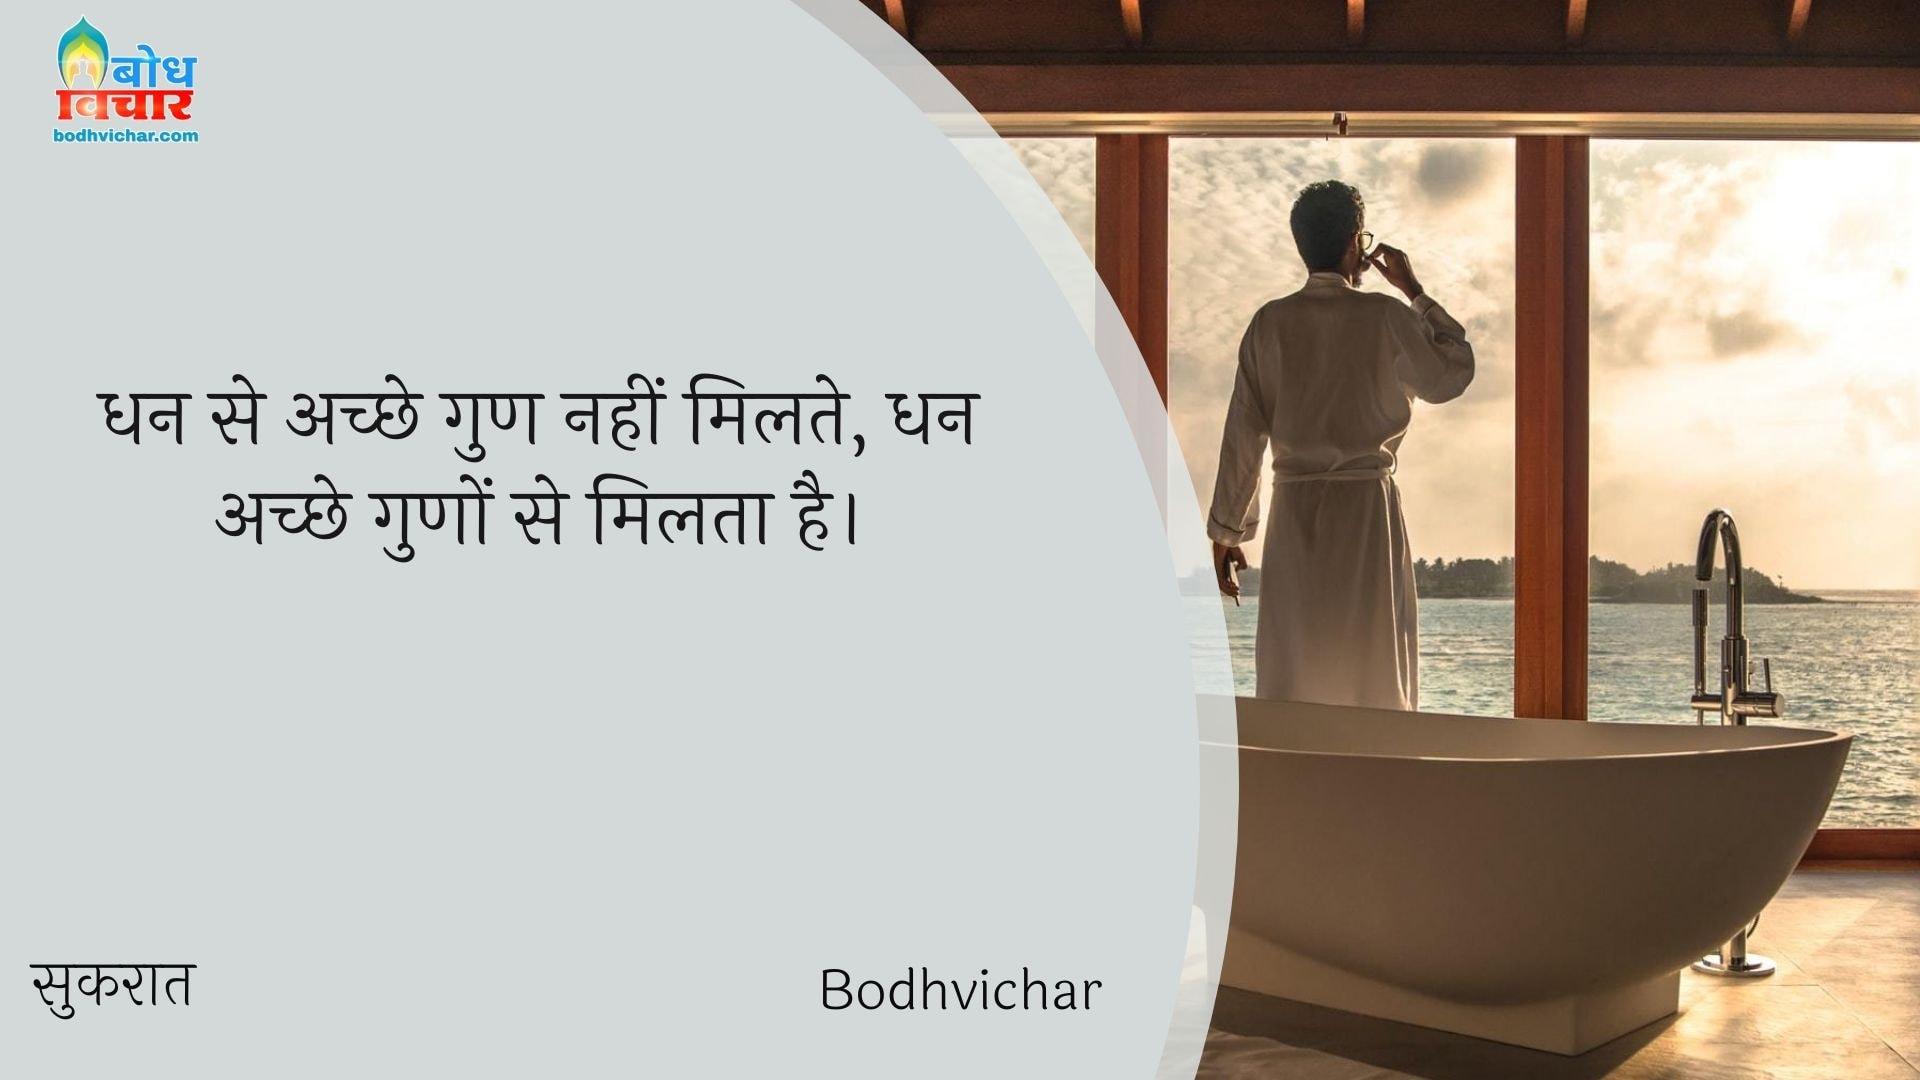 धन से अच्छे गुण नहीं मिलते, धन अच्छे गुणों से मिलता है। : Dhanse achche gun nahi milte, dhan achche guno se milta hai. - सुकरात